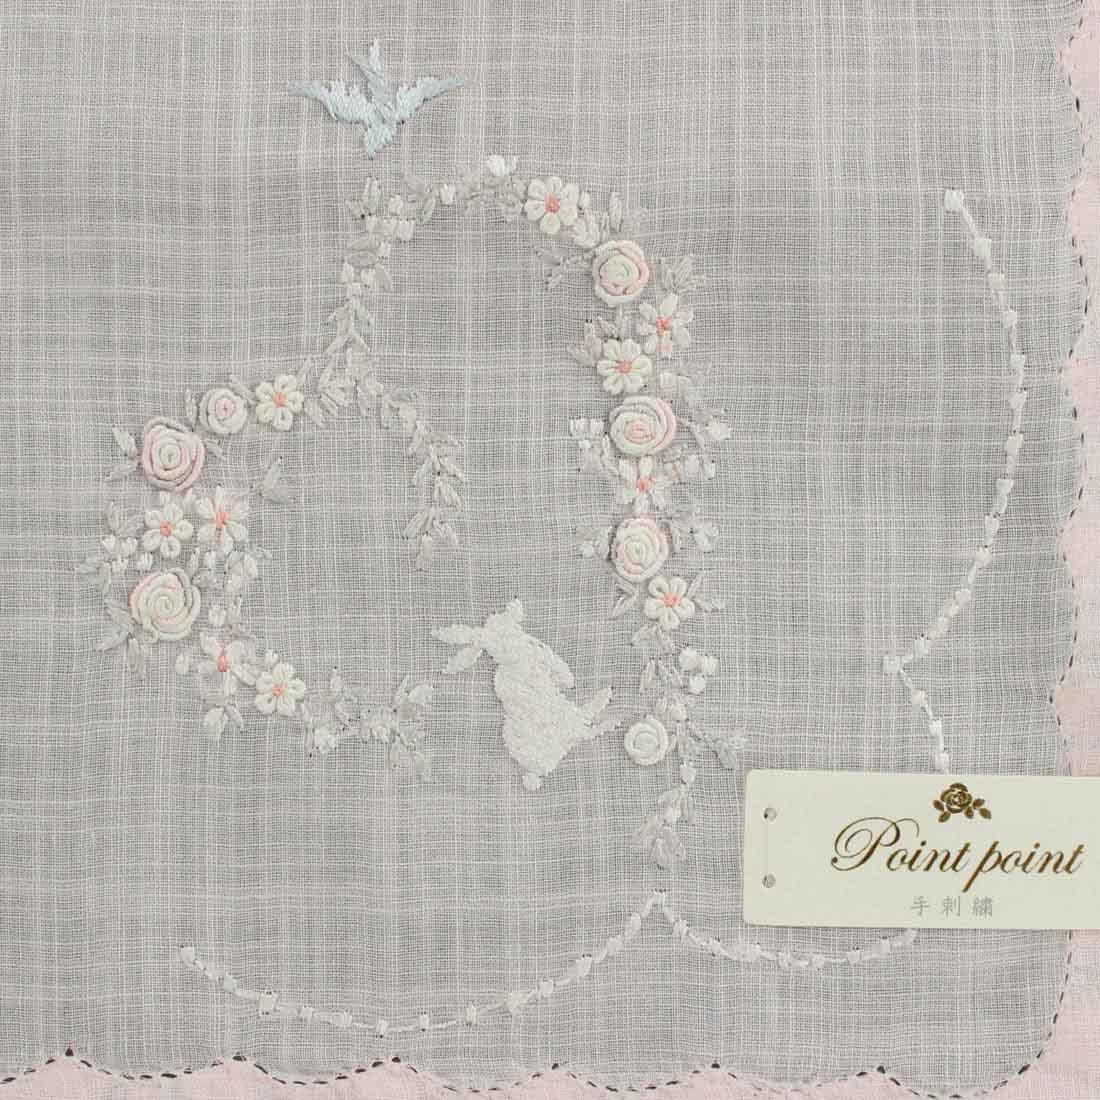 ポワンポワン ベトナム手刺繍ハンカチ 6223-01 ピンク